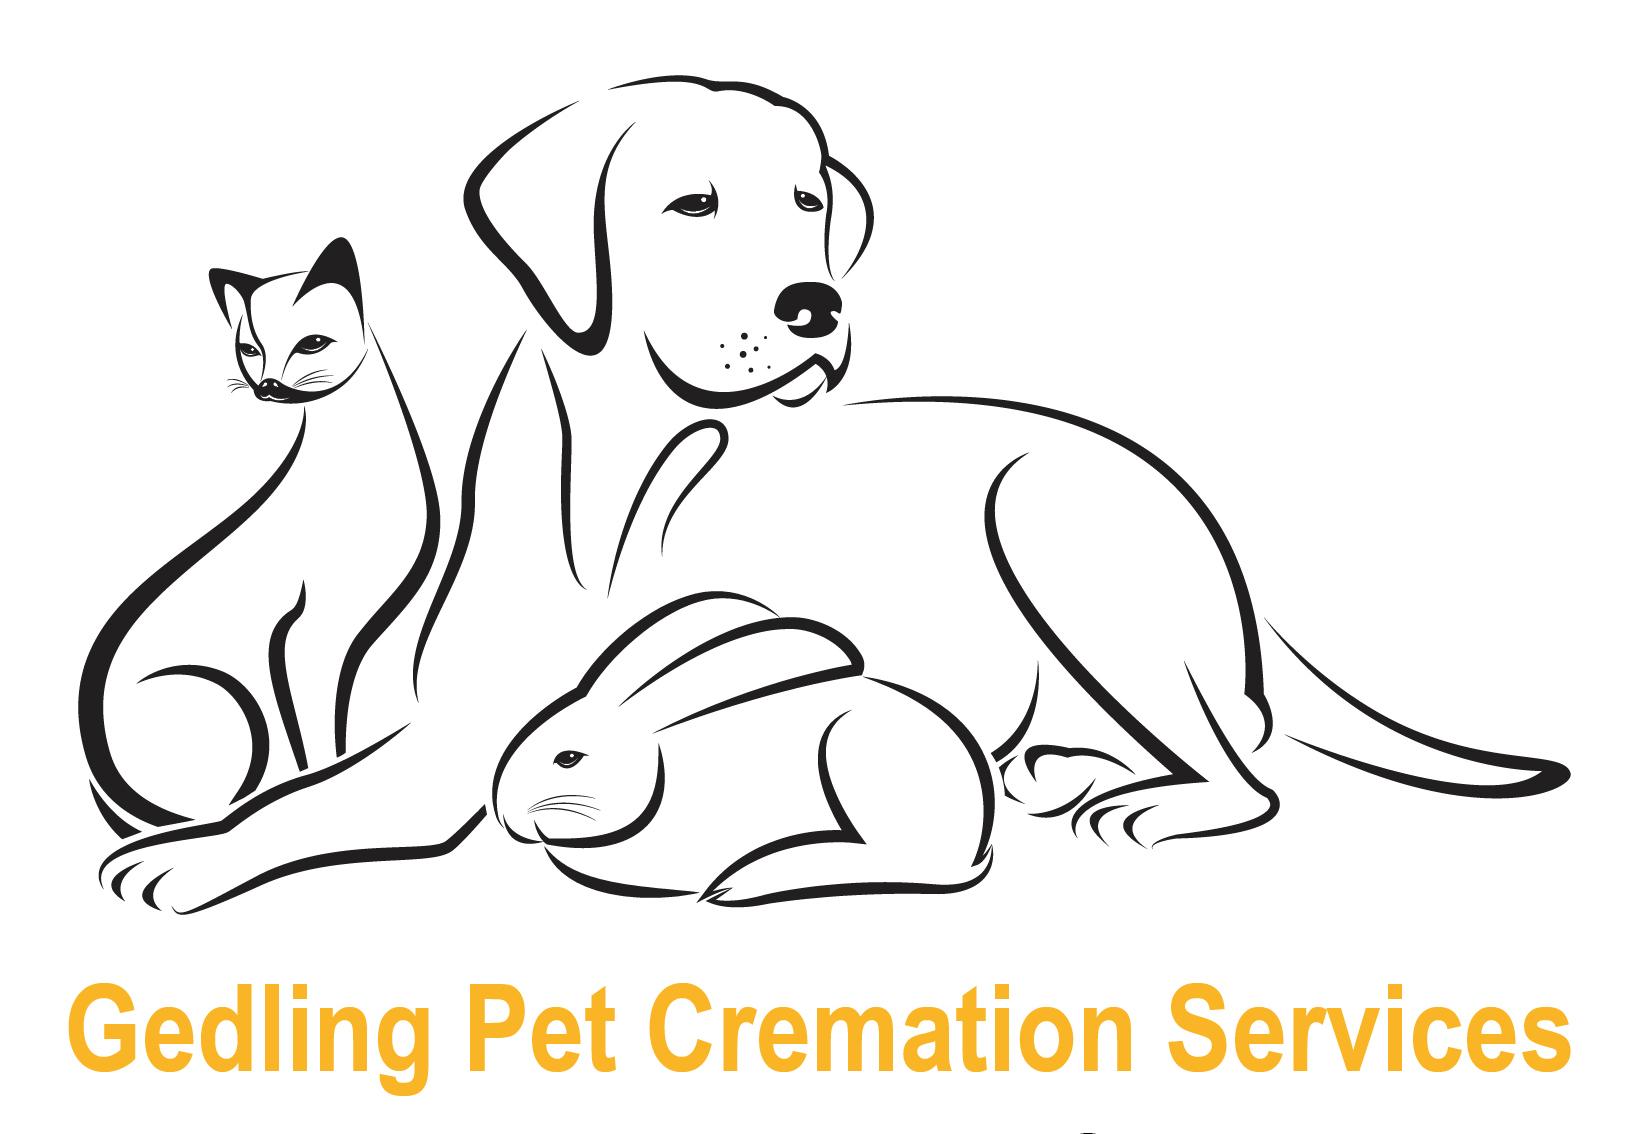 Gedling Pet Cremation